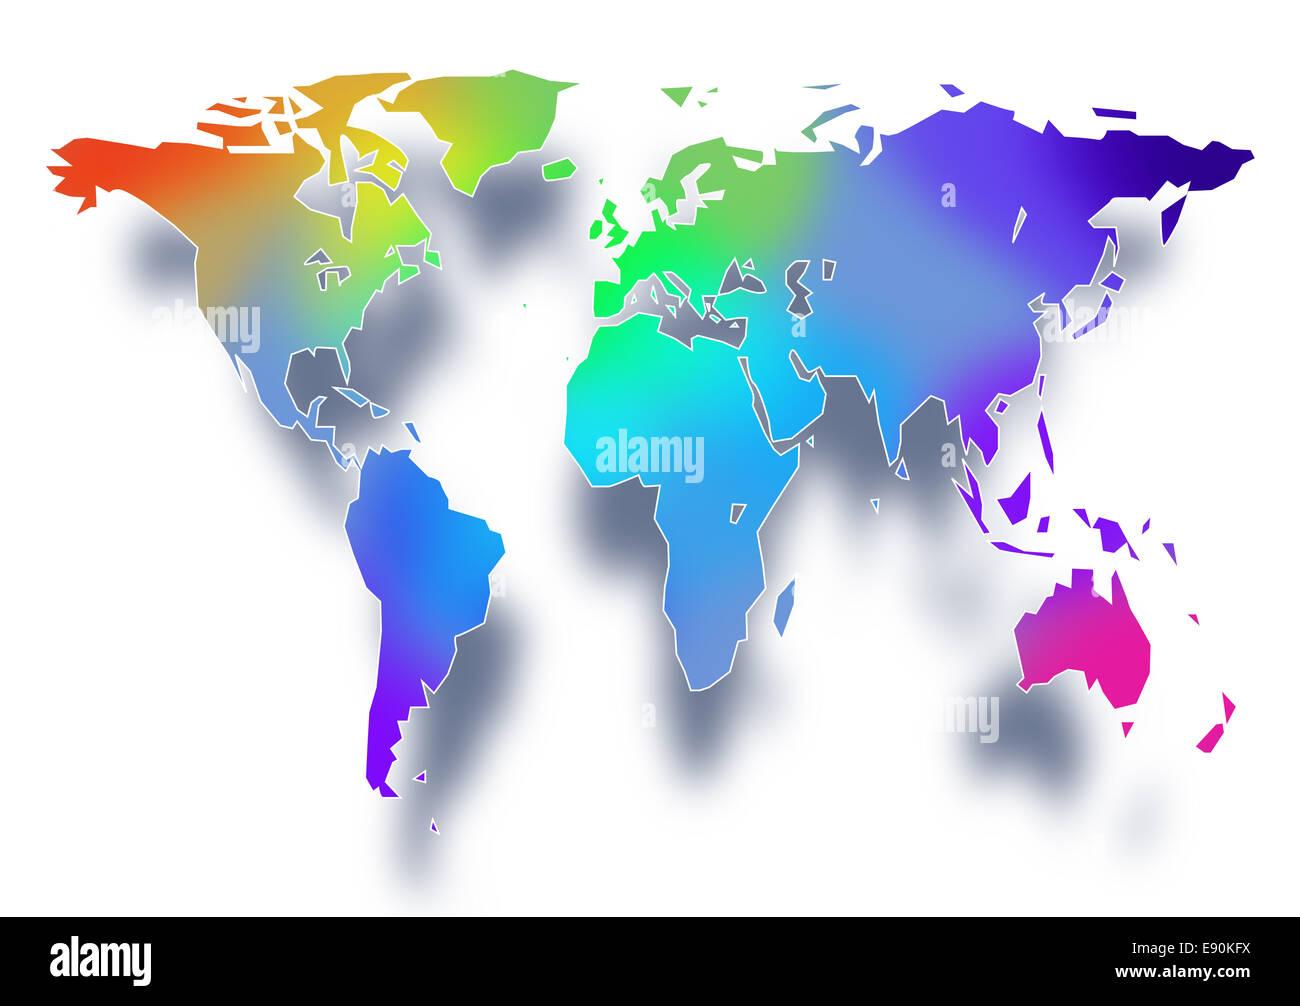 world map illustration - Stock Image